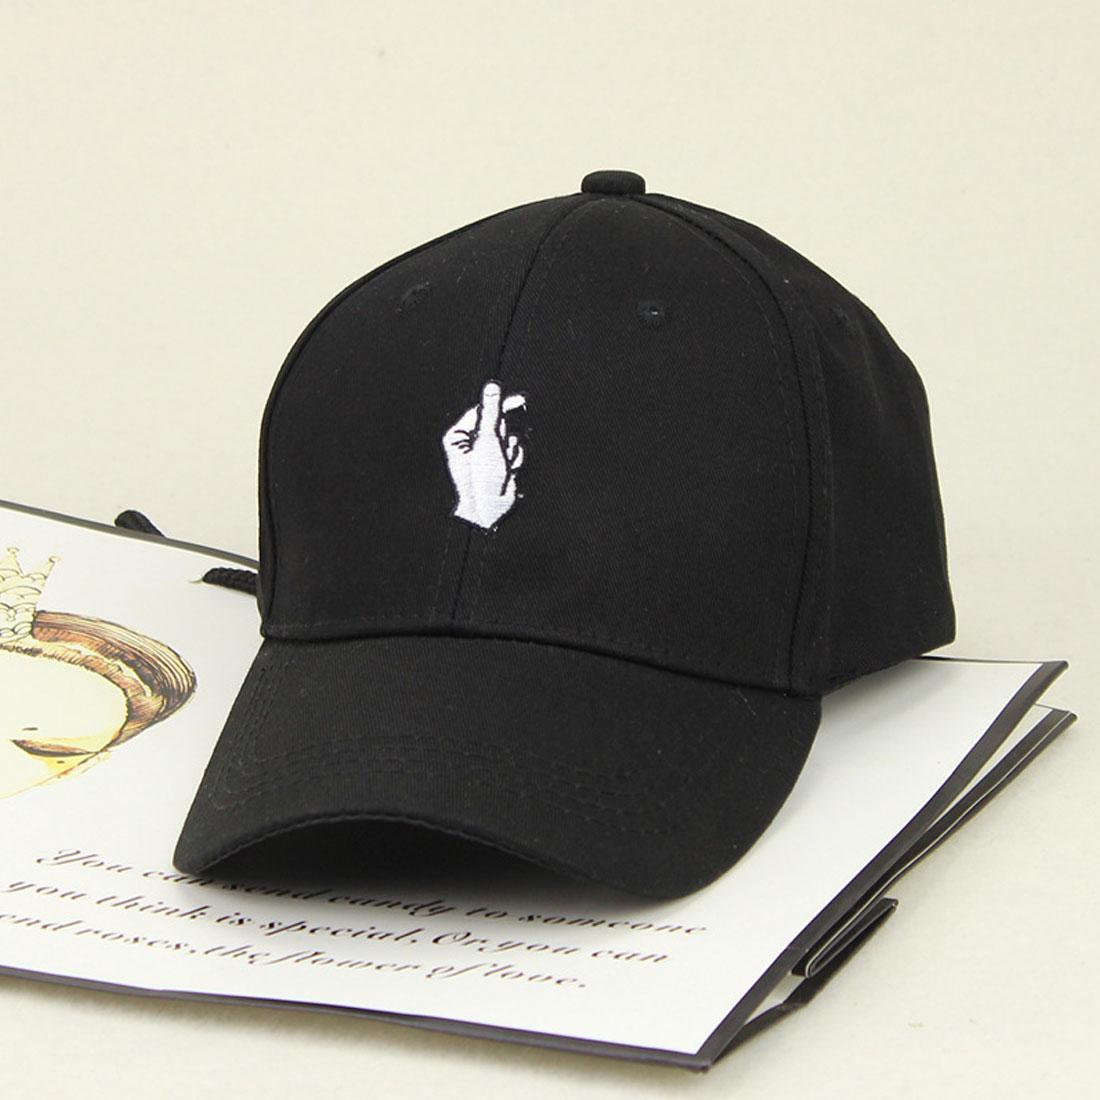 Hot Arrival 1Pcs Women Men Love Gestures Finger Embroider Golf Baseball Cap Snapback Hats Flipper Little Heart Love Truck Hat